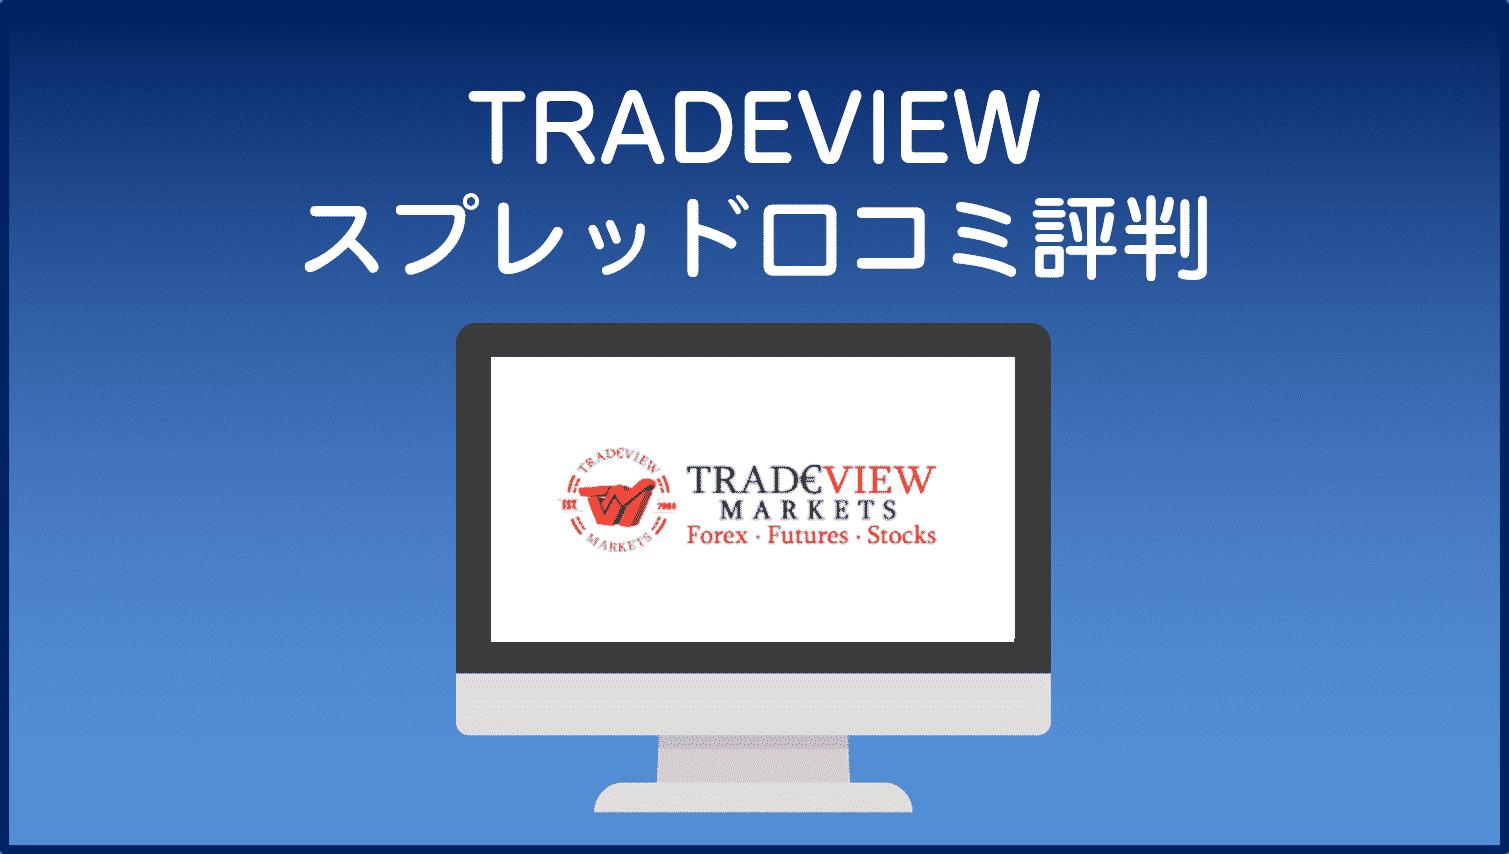 TRADEVIEWスプレッド口コミ・評判